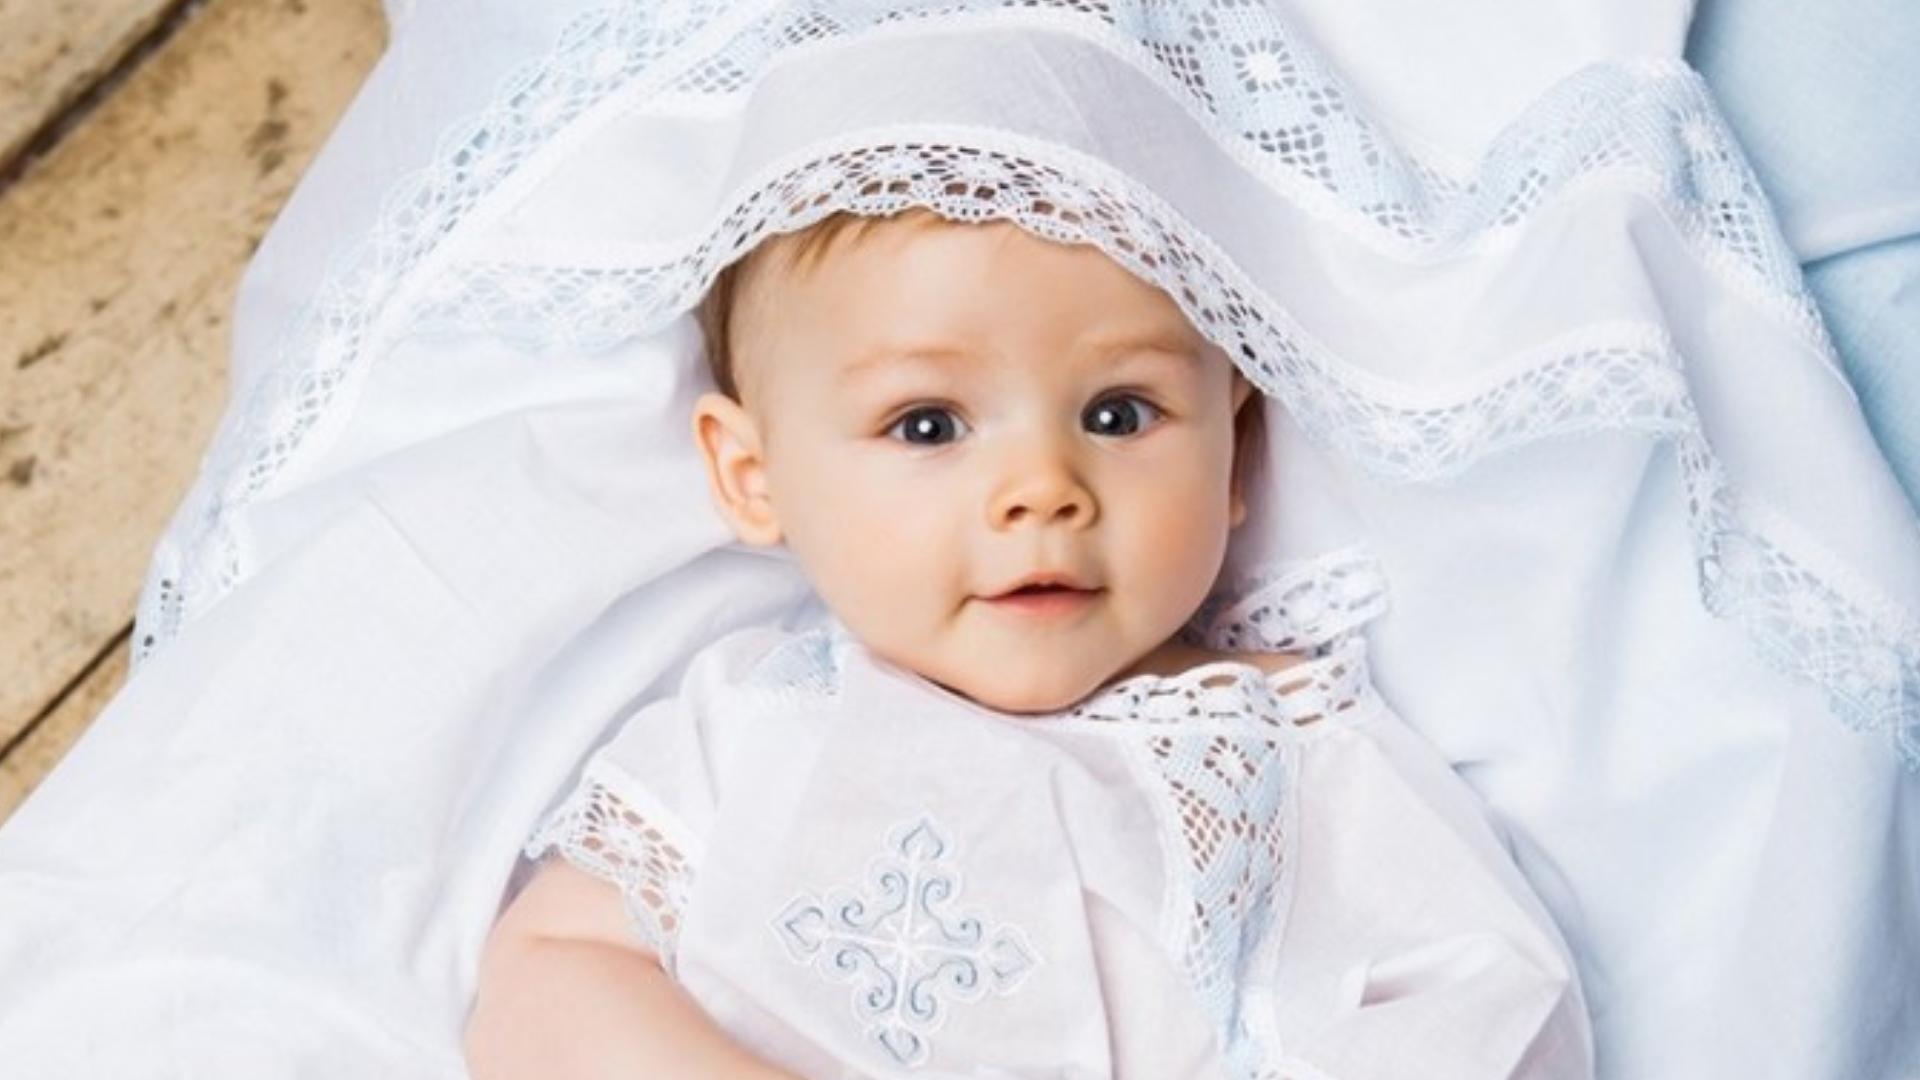 Подарунки на хрещення дитини: оригінальні варіанти для хлопчика і дівчинки